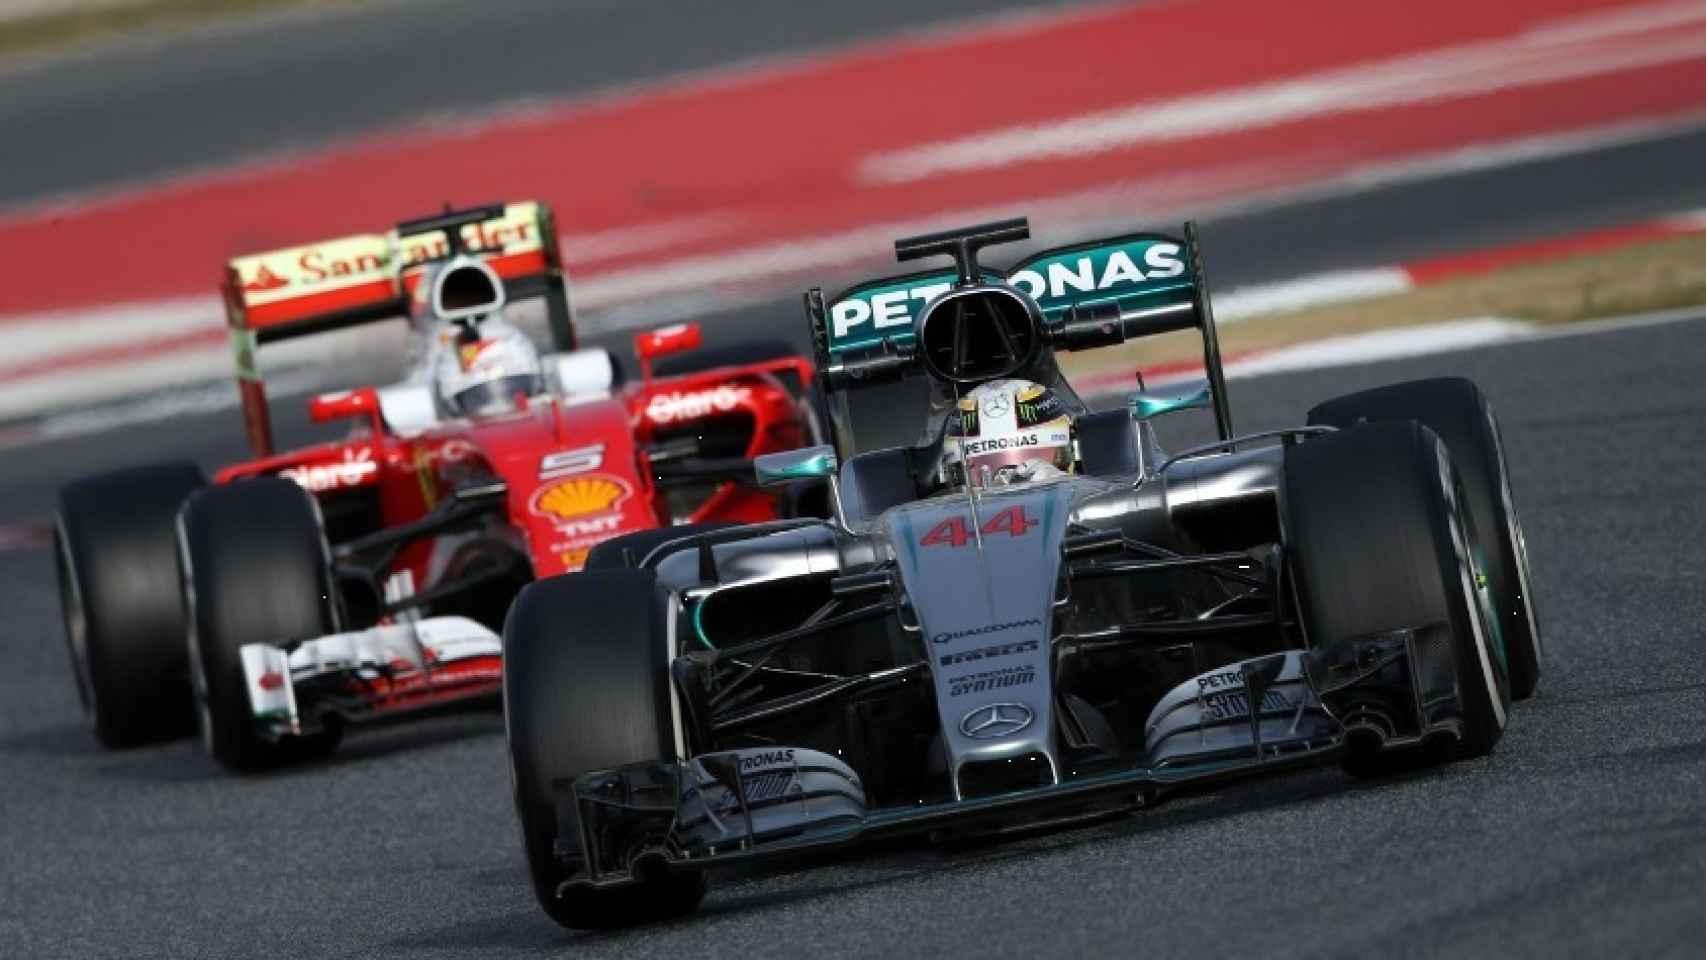 Los monoplazas de Mercedes y Ferrari